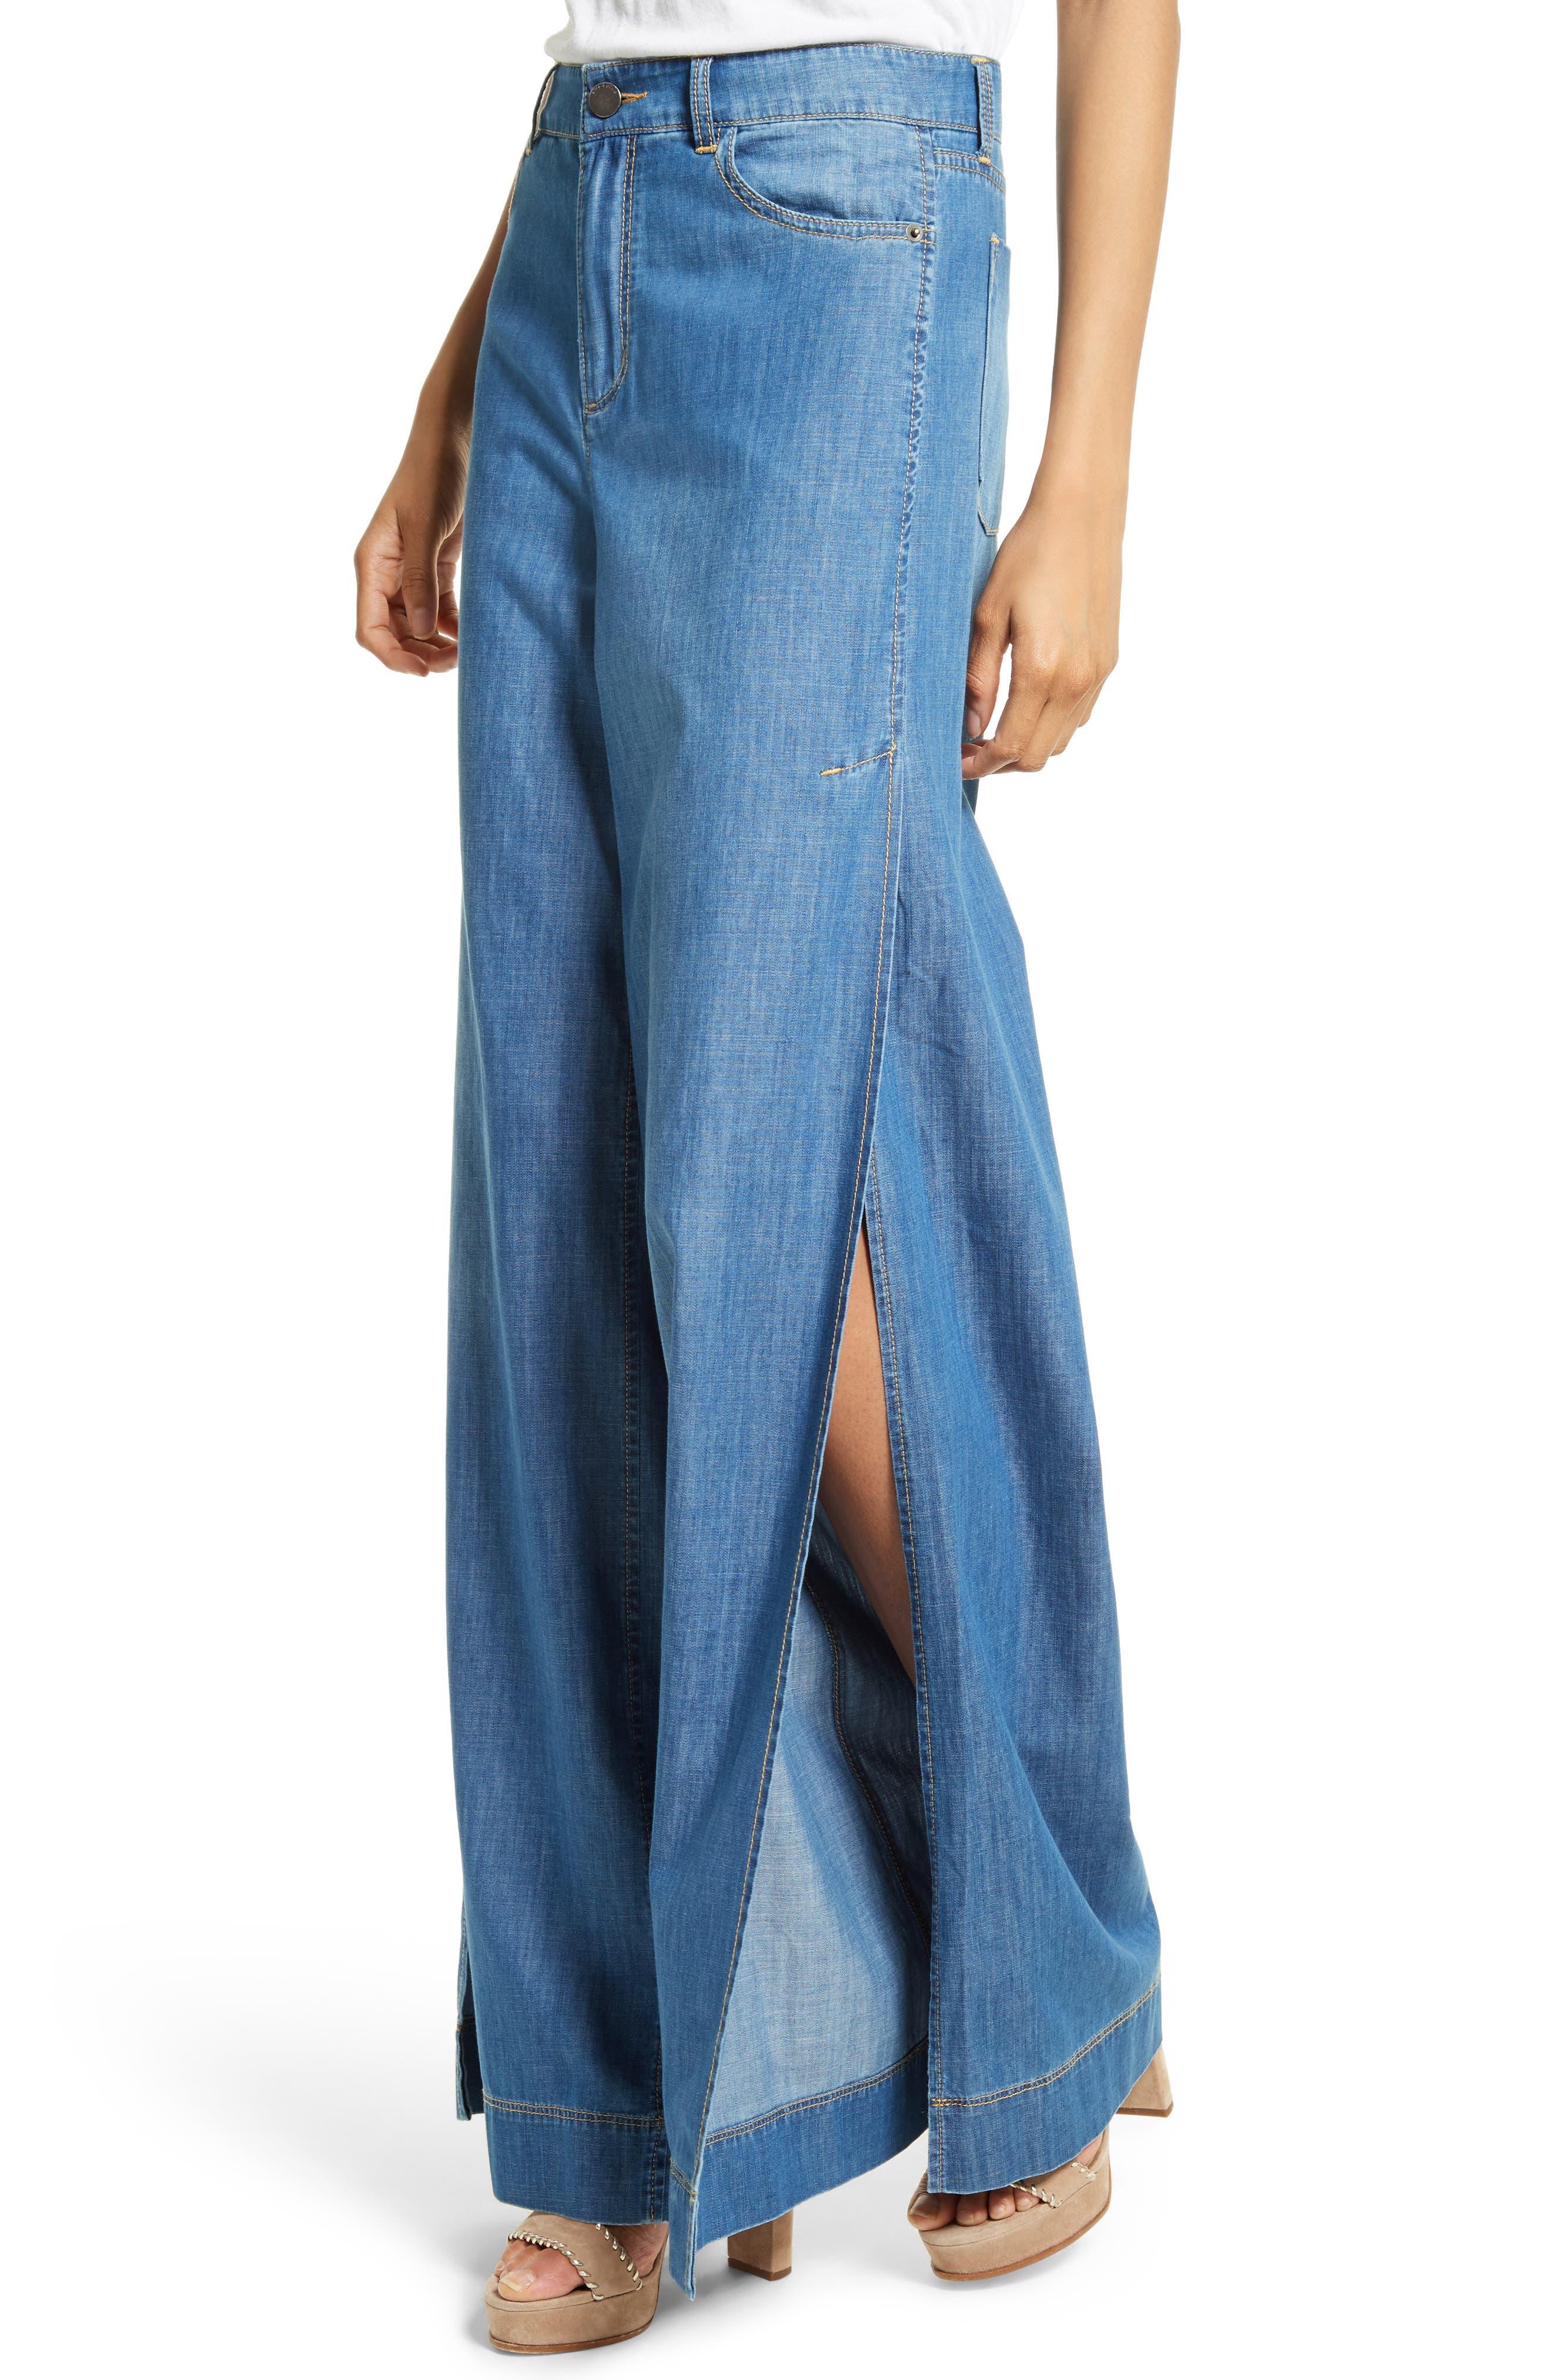 Clarissa Side Slit Wide Leg Jeans,                             Alternate thumbnail 4, color,                             470